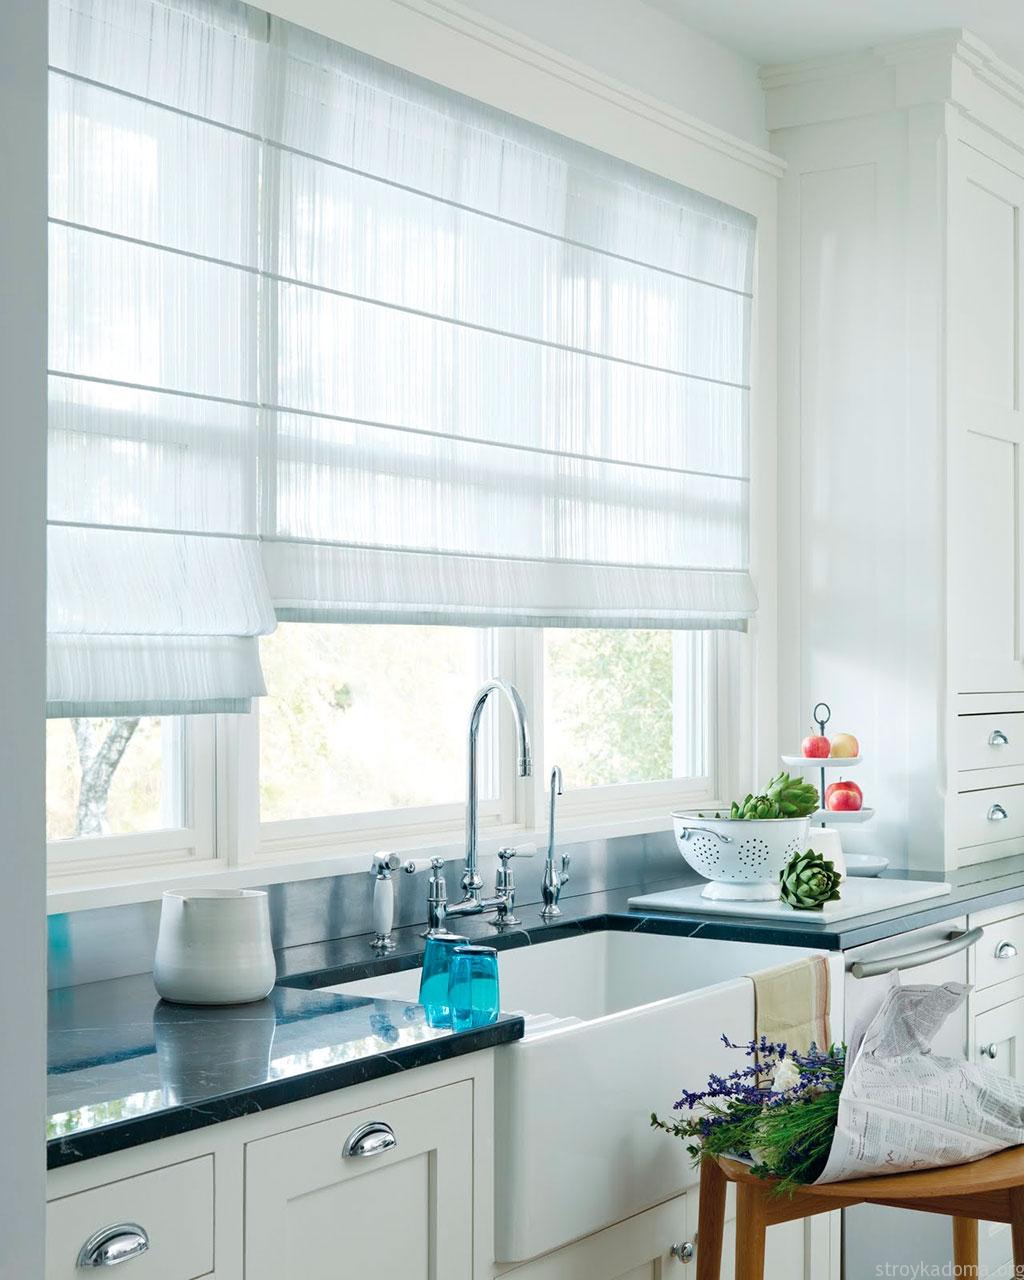 рулонные шторы всегда пользуются спросом, благодаря своей практичности